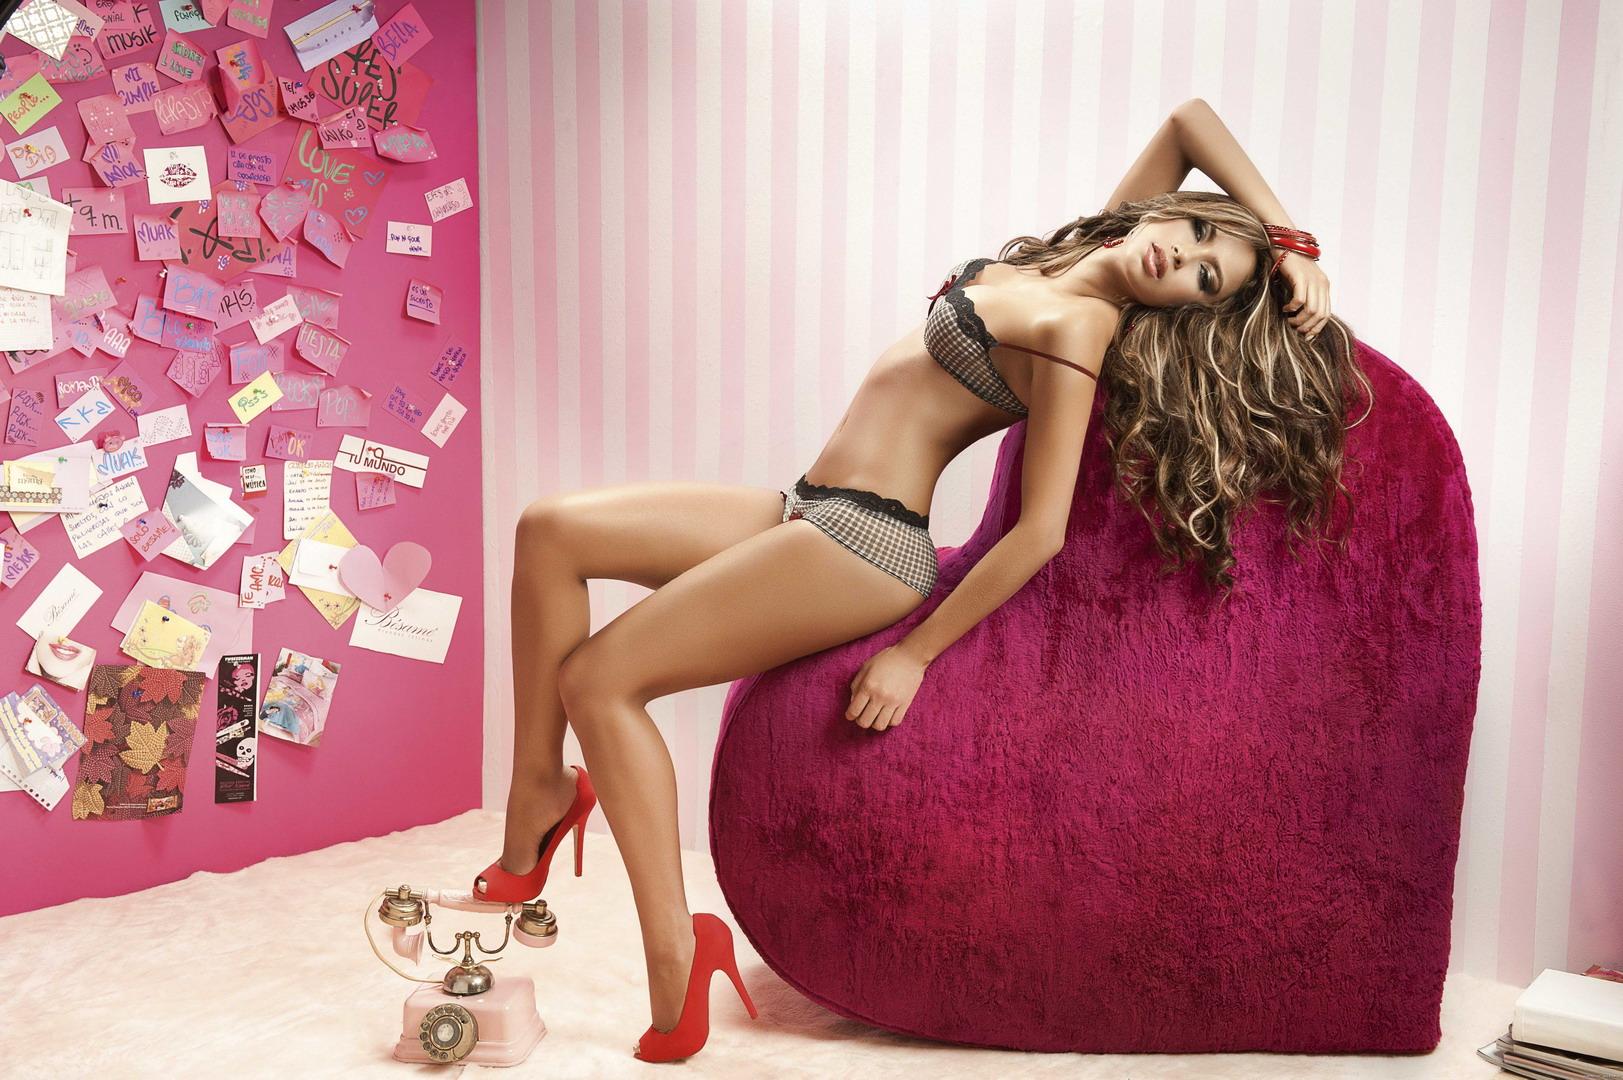 Making of Besame lingerie photoshoot with Catalina Otalvaro. Создание откровенной фотосессии Каталины Отальваро для нижнего белья Besame Lingerie